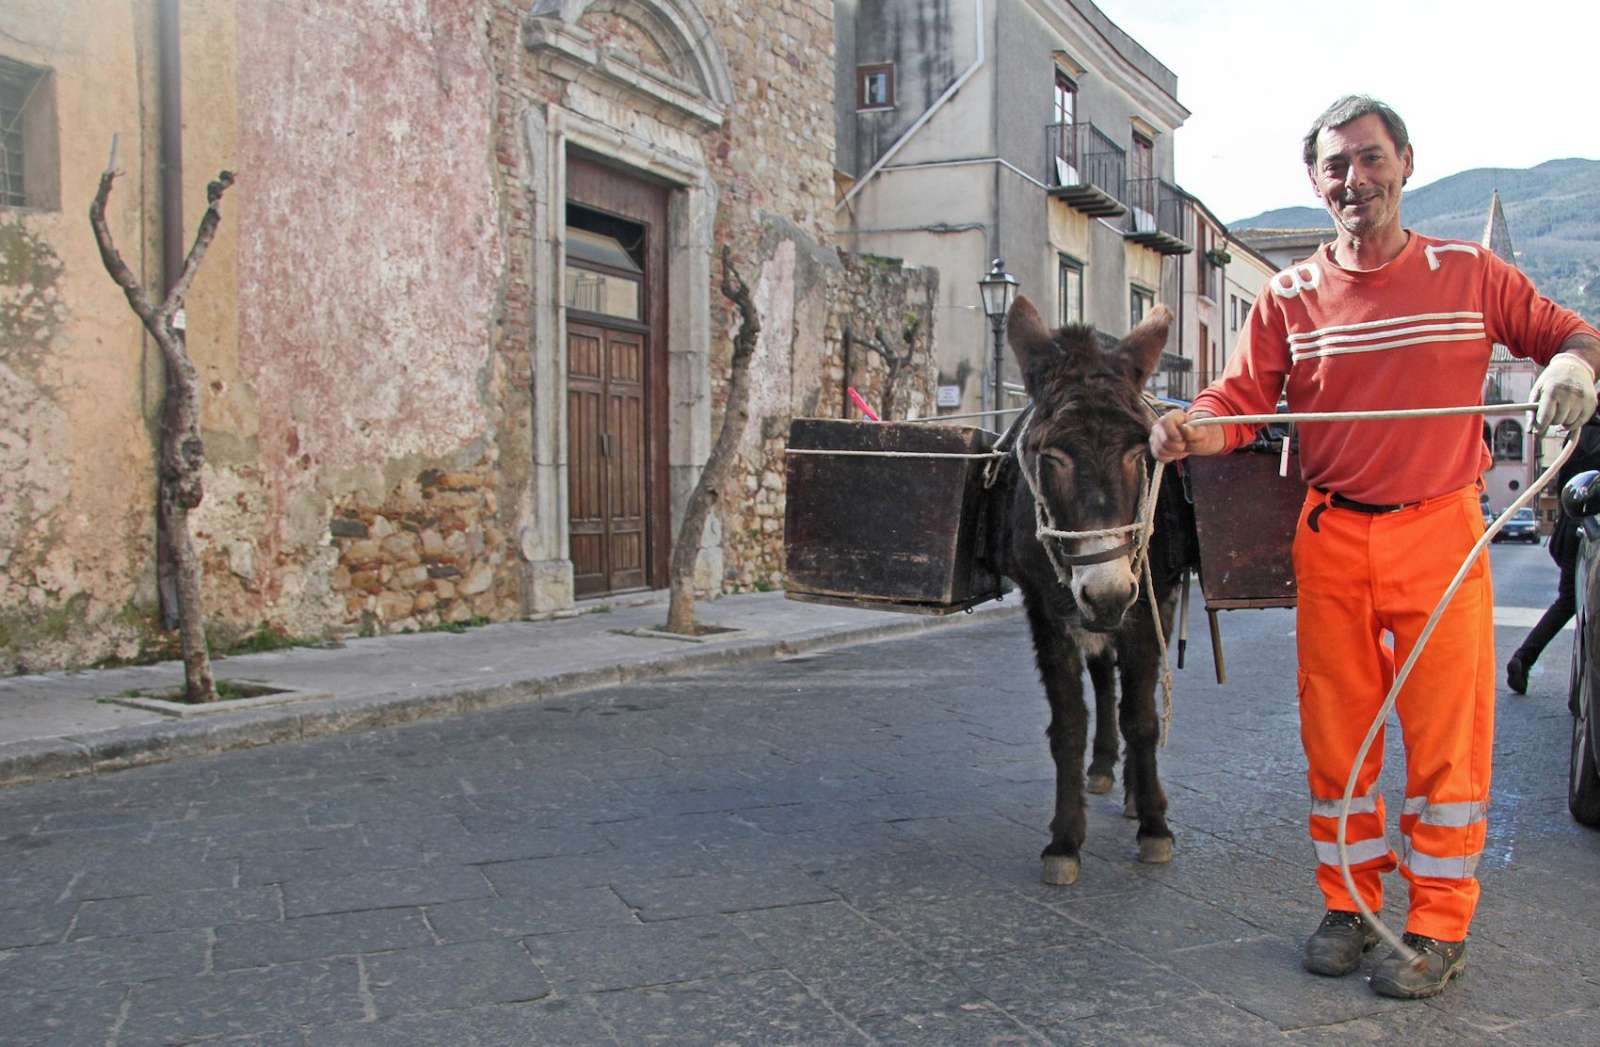 Mario leder runt åsnan Valentina i stadens gator